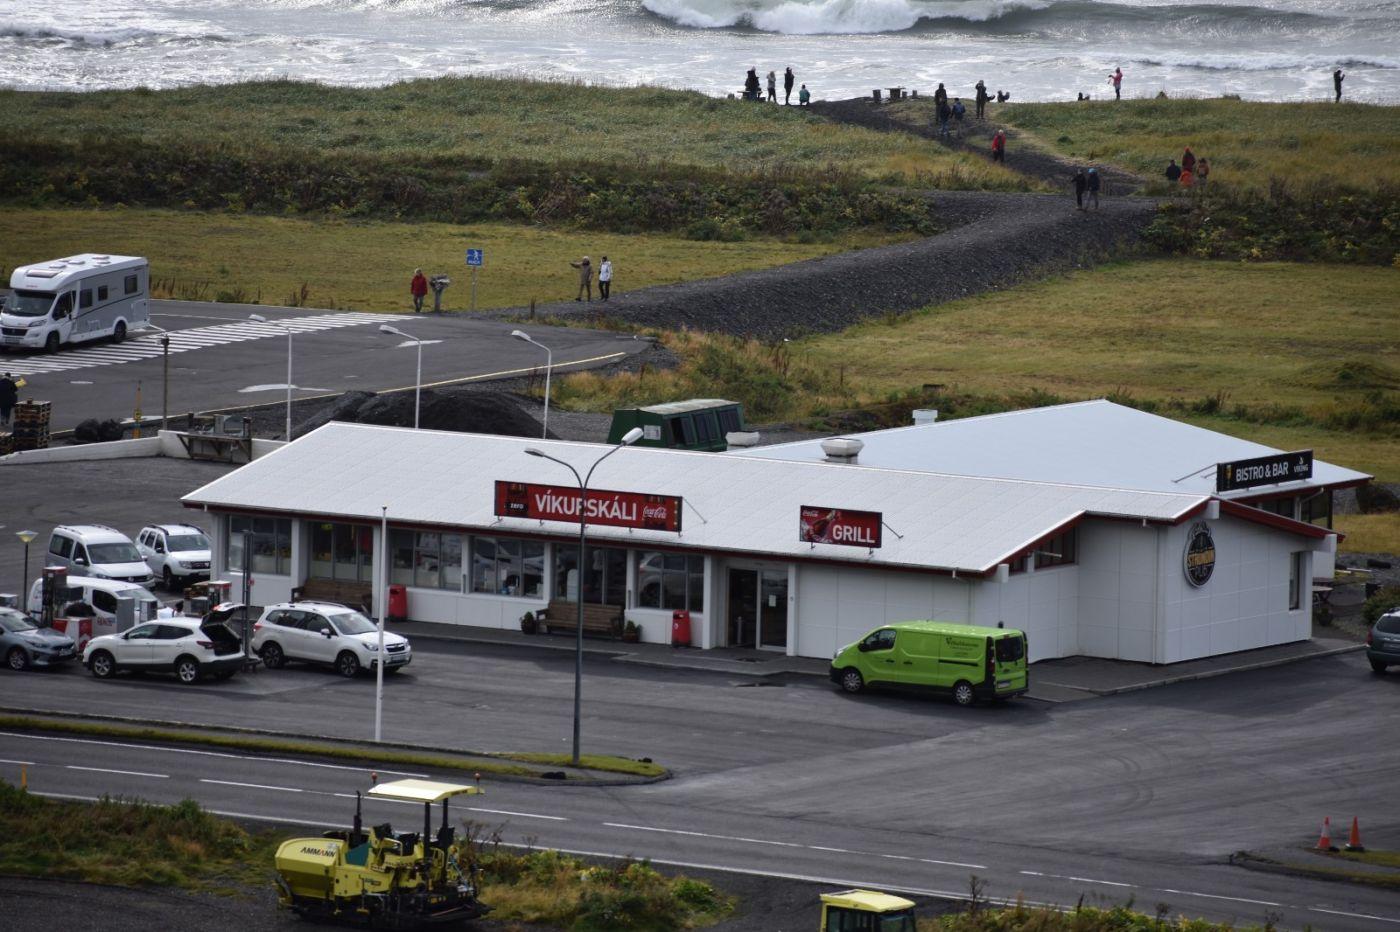 冰岛维克镇和雷尼斯黑沙滩_图1-14